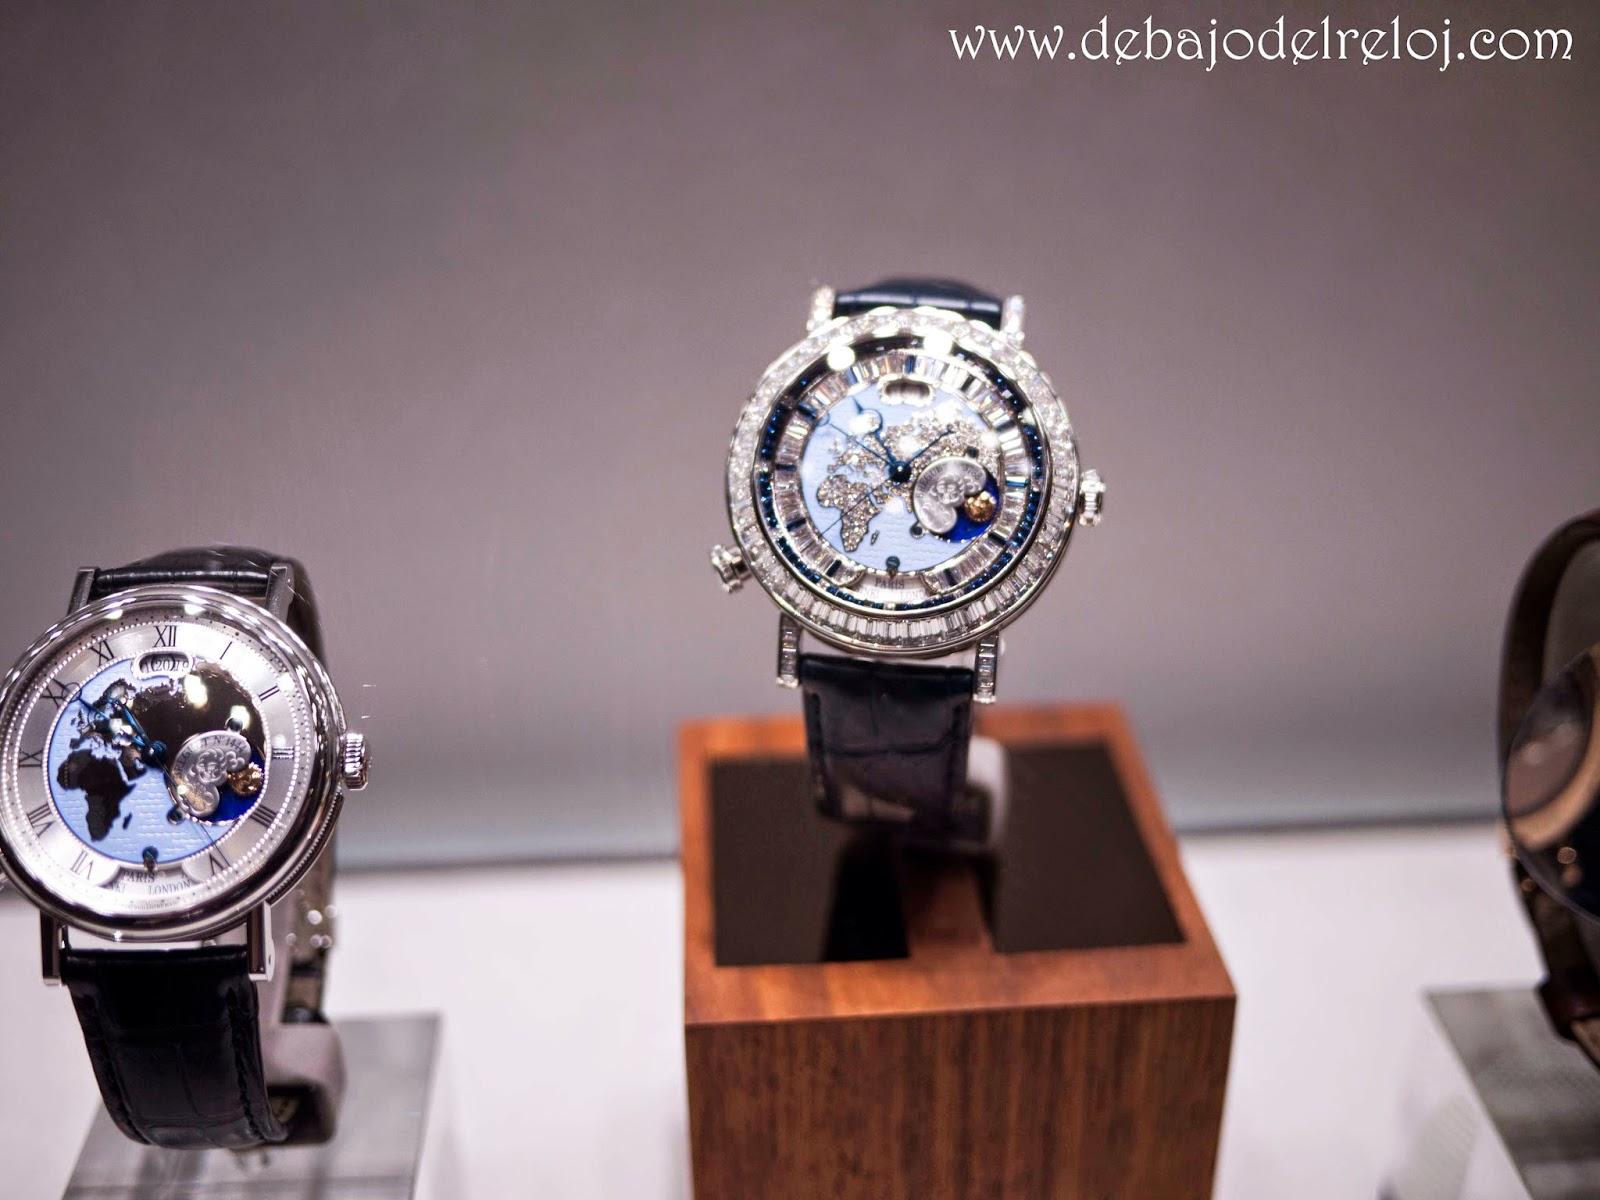 Breguet nuevos modelos y Basel 2015 5